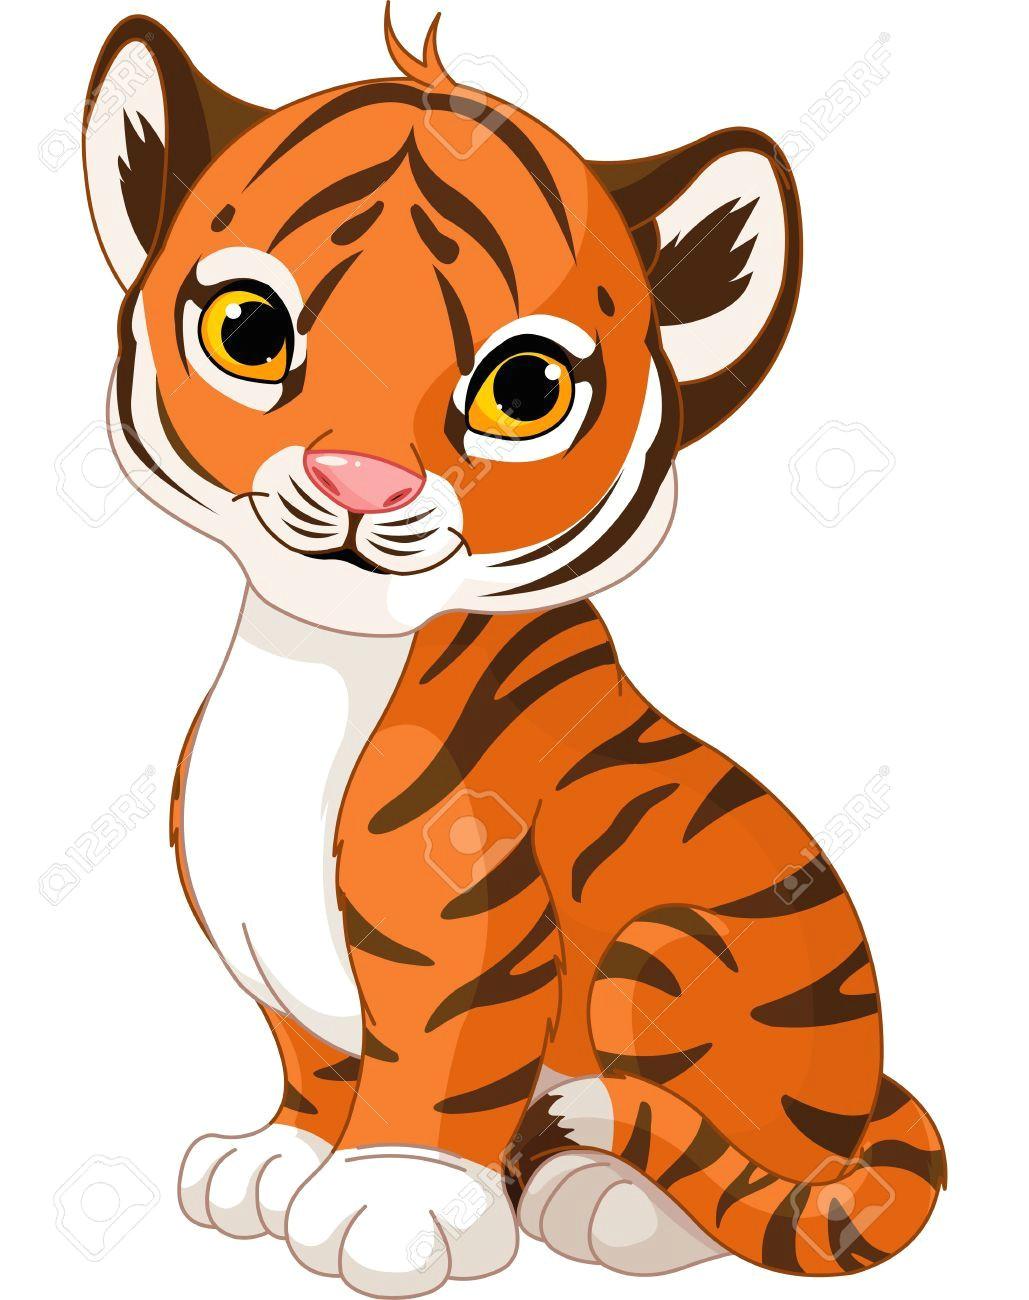 tiger cartoon drawing cartoon drawings baby cartoon cute tiger cubs cute tigers